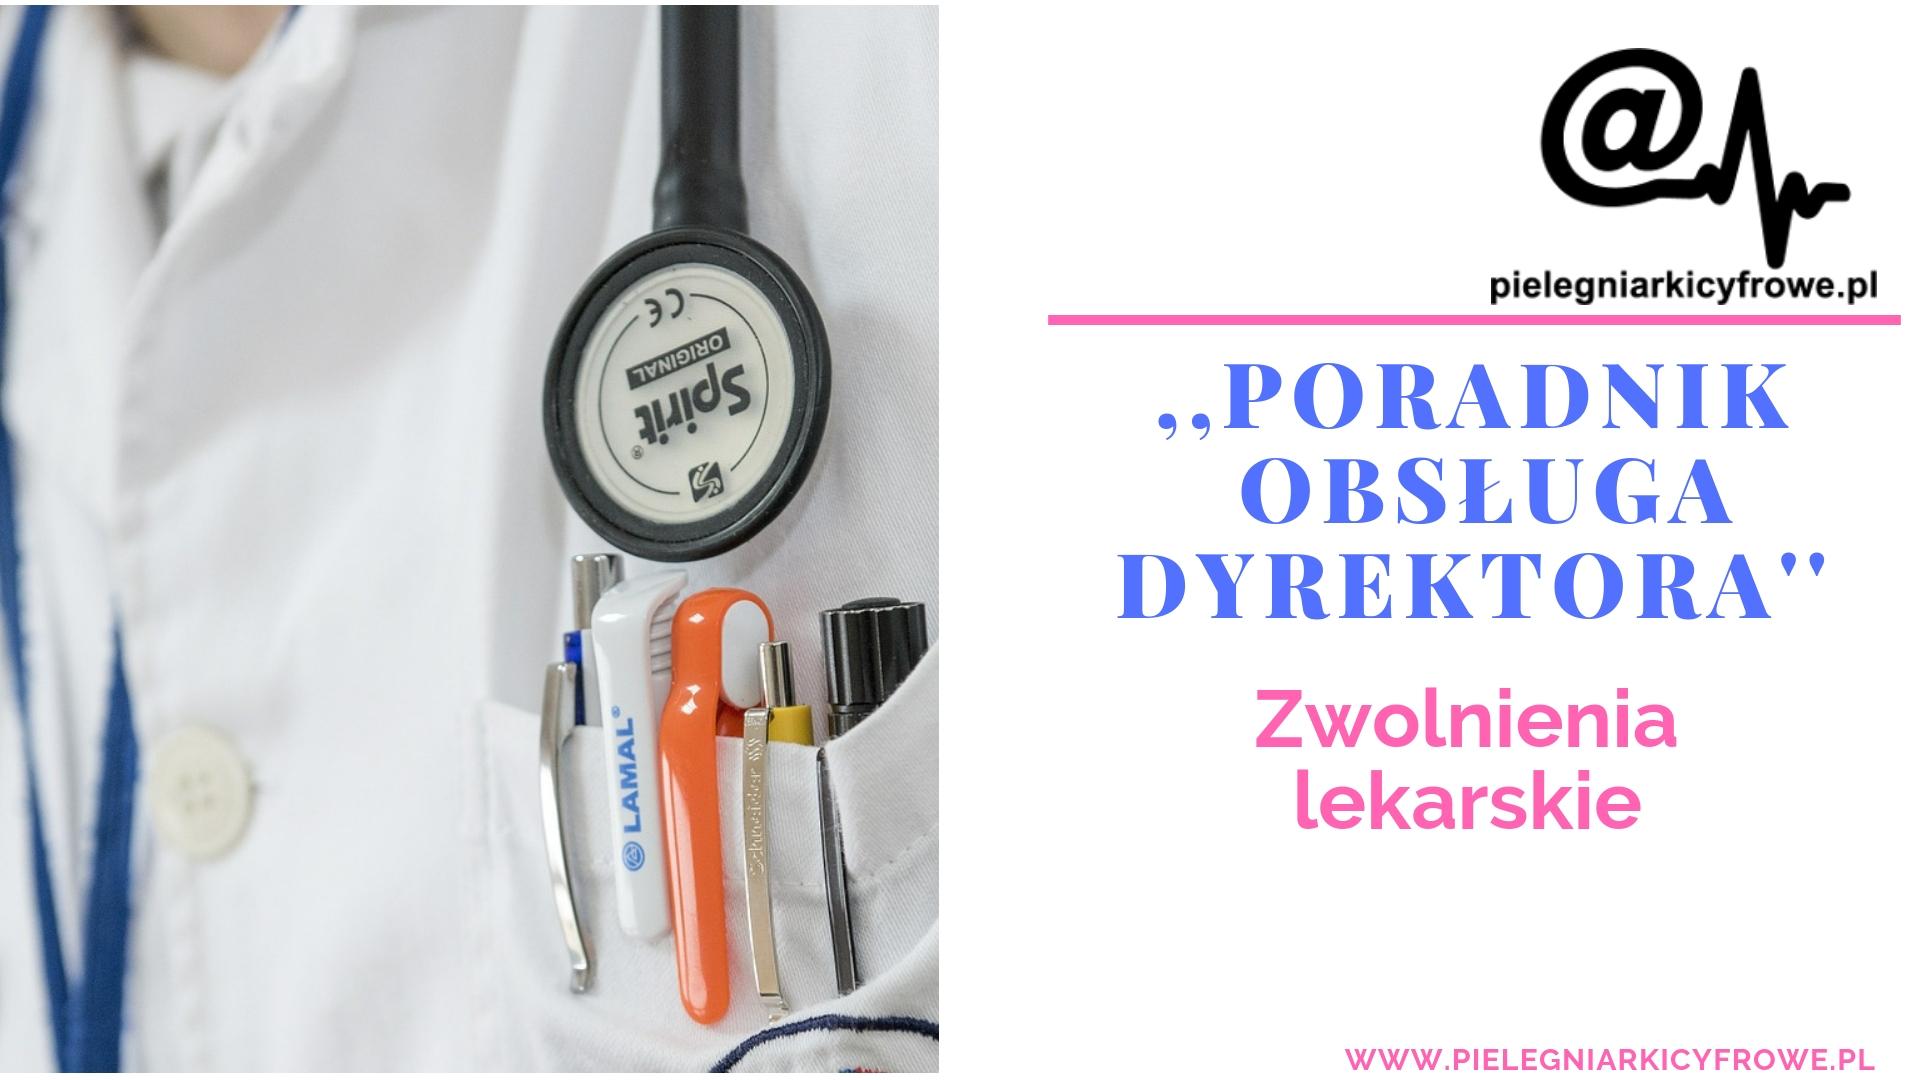 Zwolnienia lekarskie w czasie urlopu, nadużycia i kontrole.